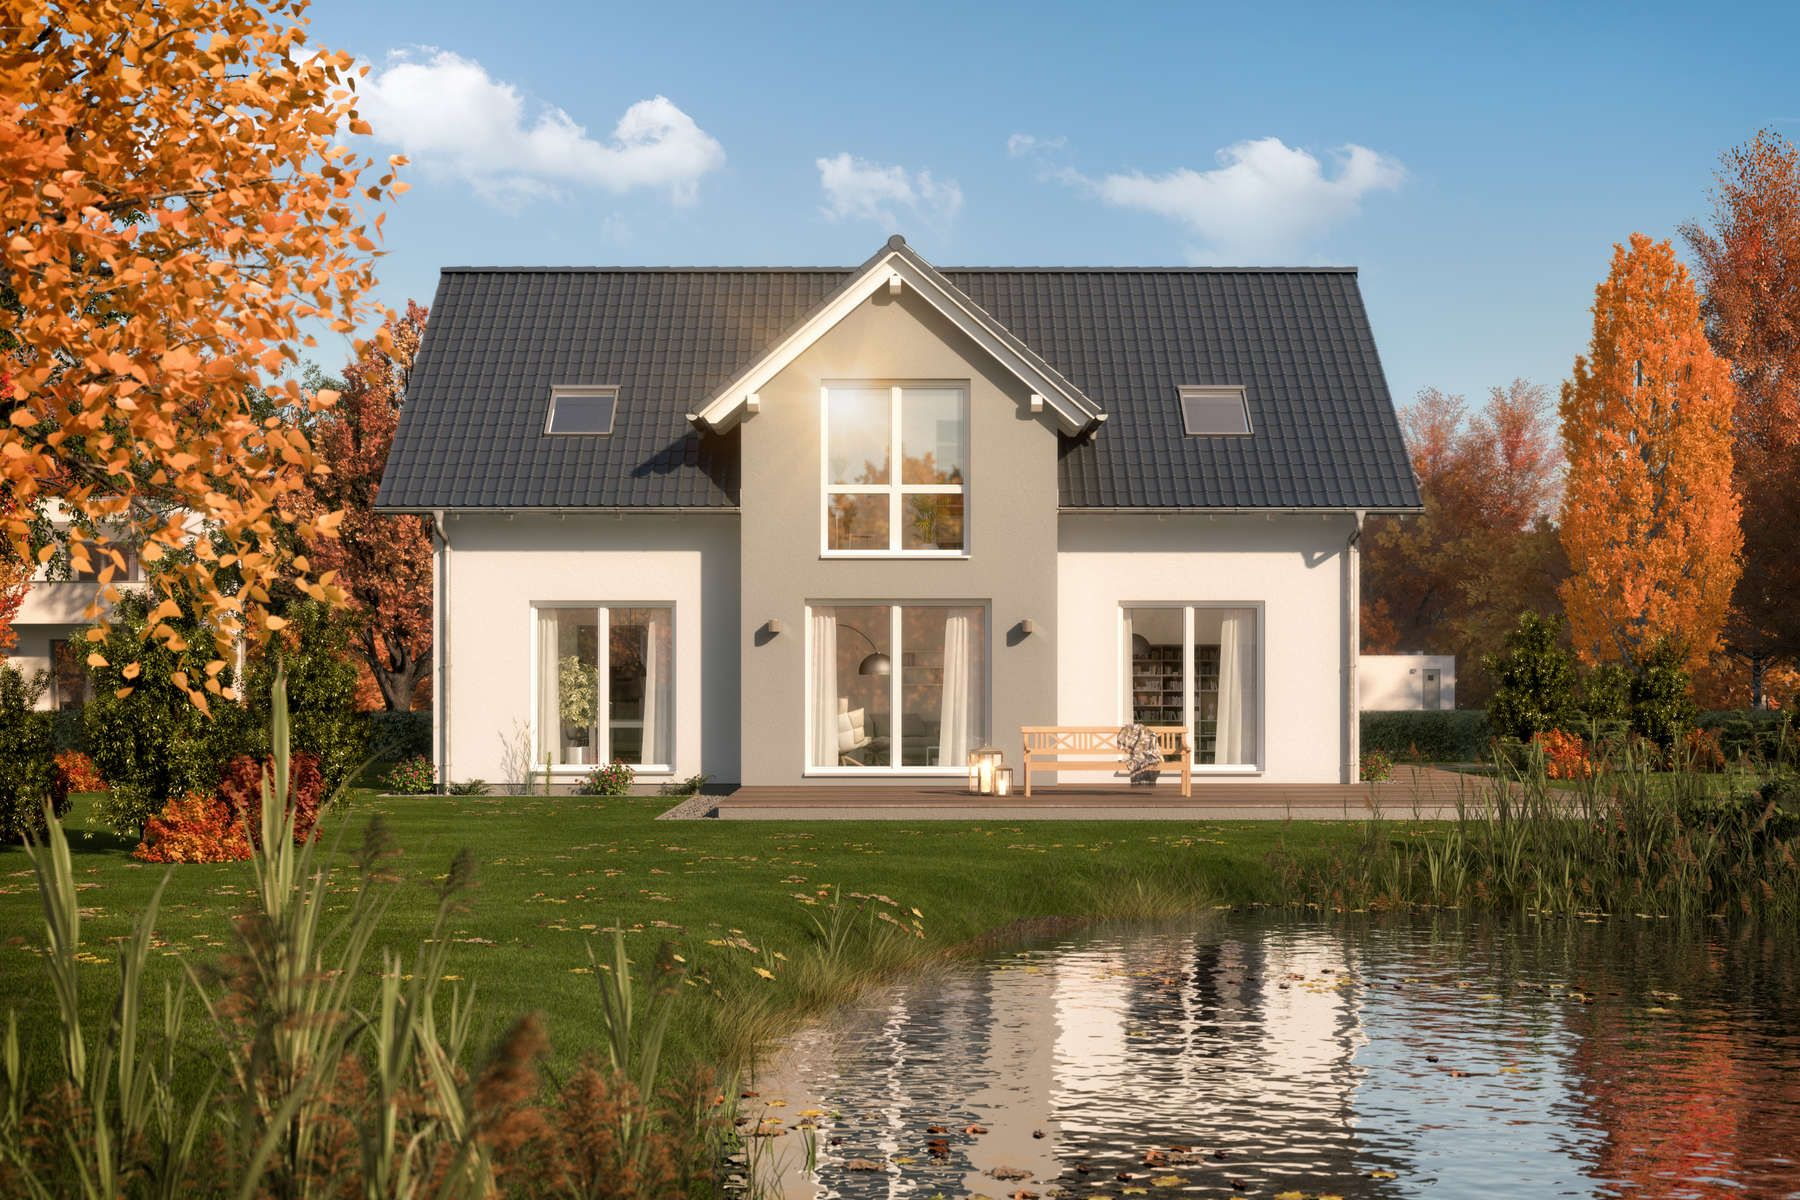 Familienhaus Aura Von Kern Haus Gartenfreunde Aufgepasst Haus Familienhaus Kern Haus